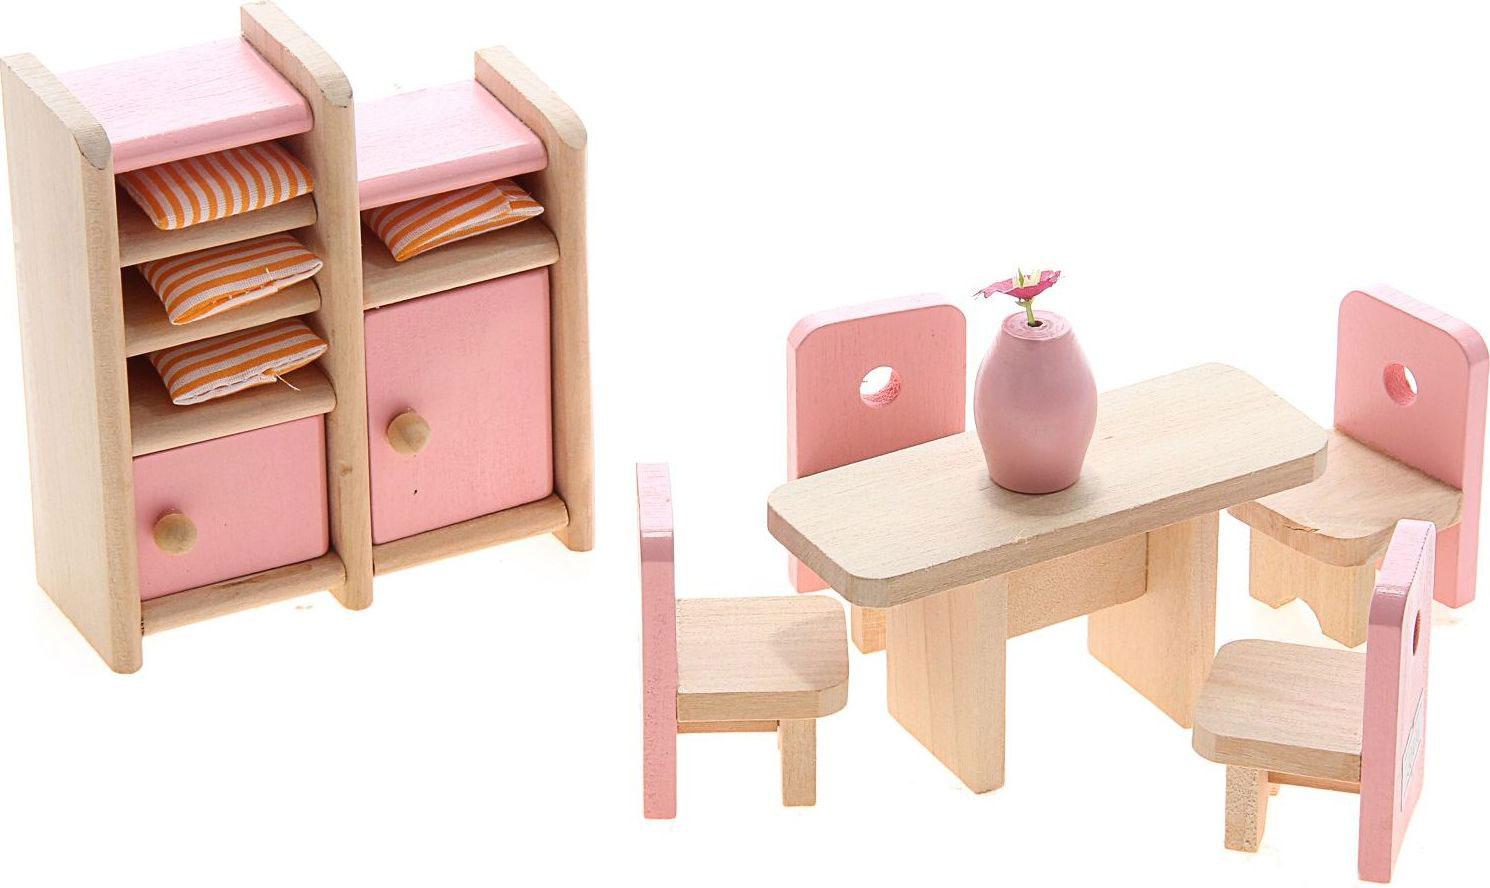 Sima-land Мебель для кукол Столовая 8 предметов 730416 куплю 3 х комнатную квартиру в елшанке